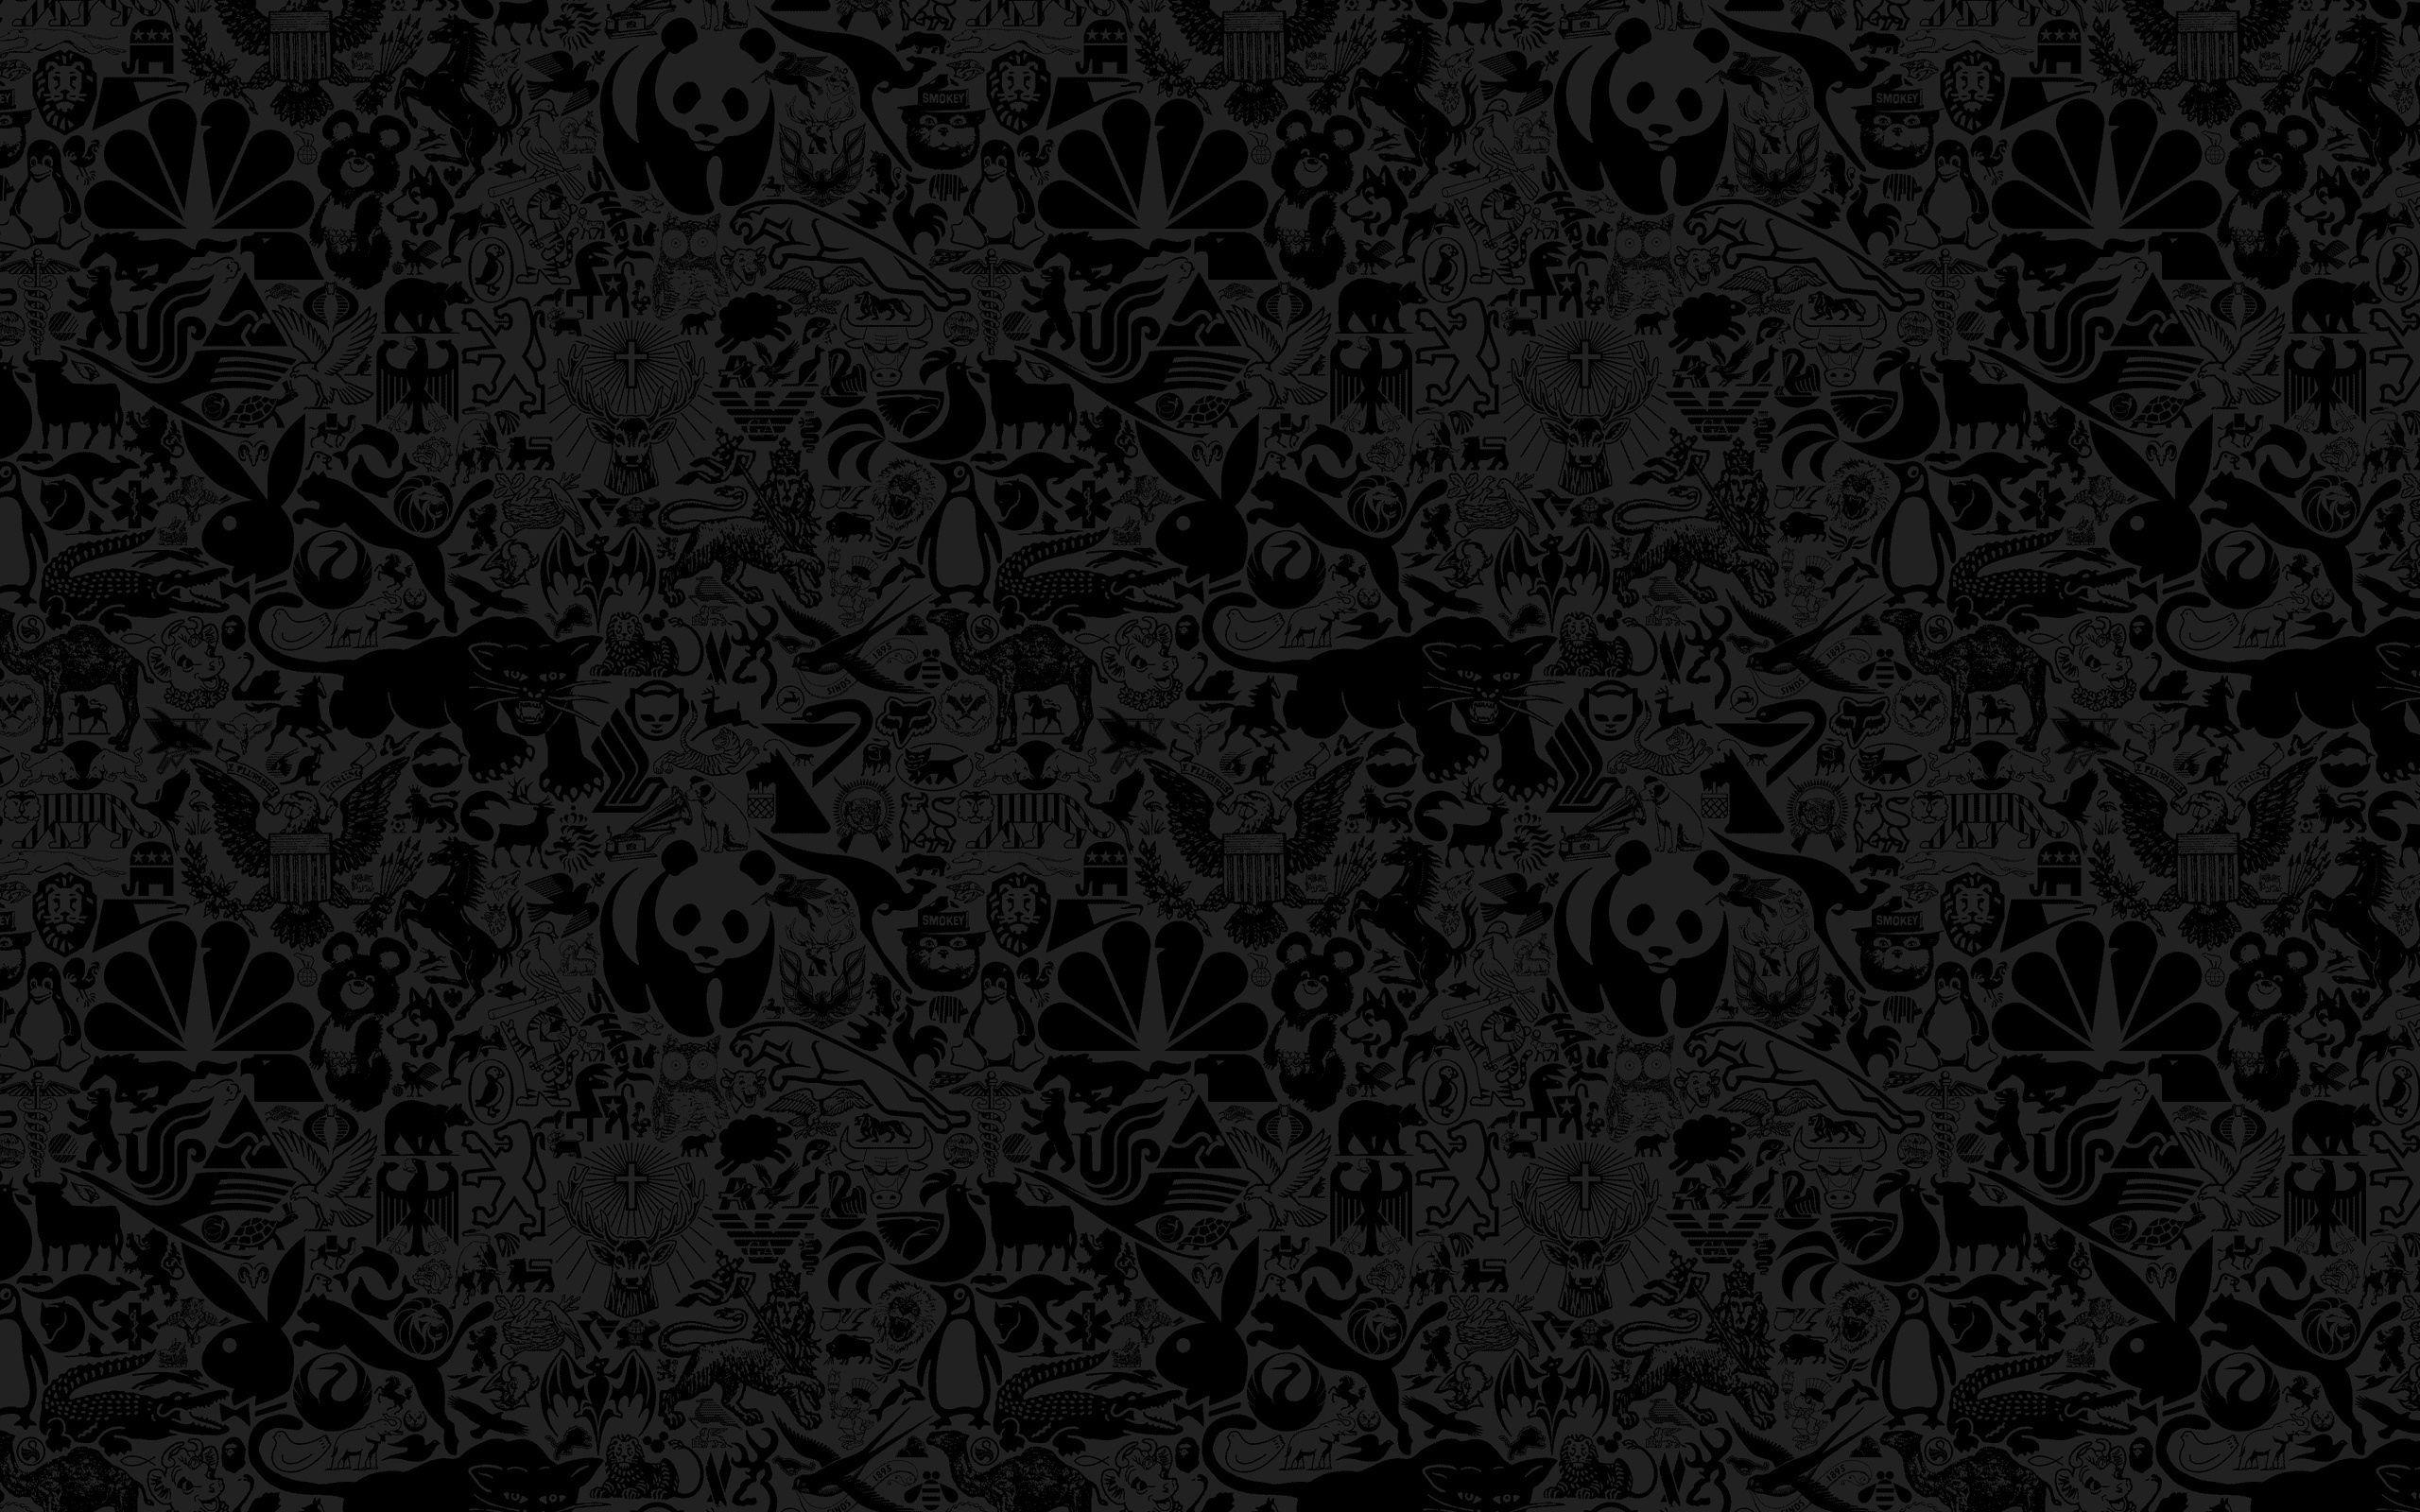 90236 Protetores de tela e papéis de parede Desenho em seu telefone. Baixe Desenho, Animais, Escuro, Textura, Texturas, Foto, Muro, Parede fotos gratuitamente